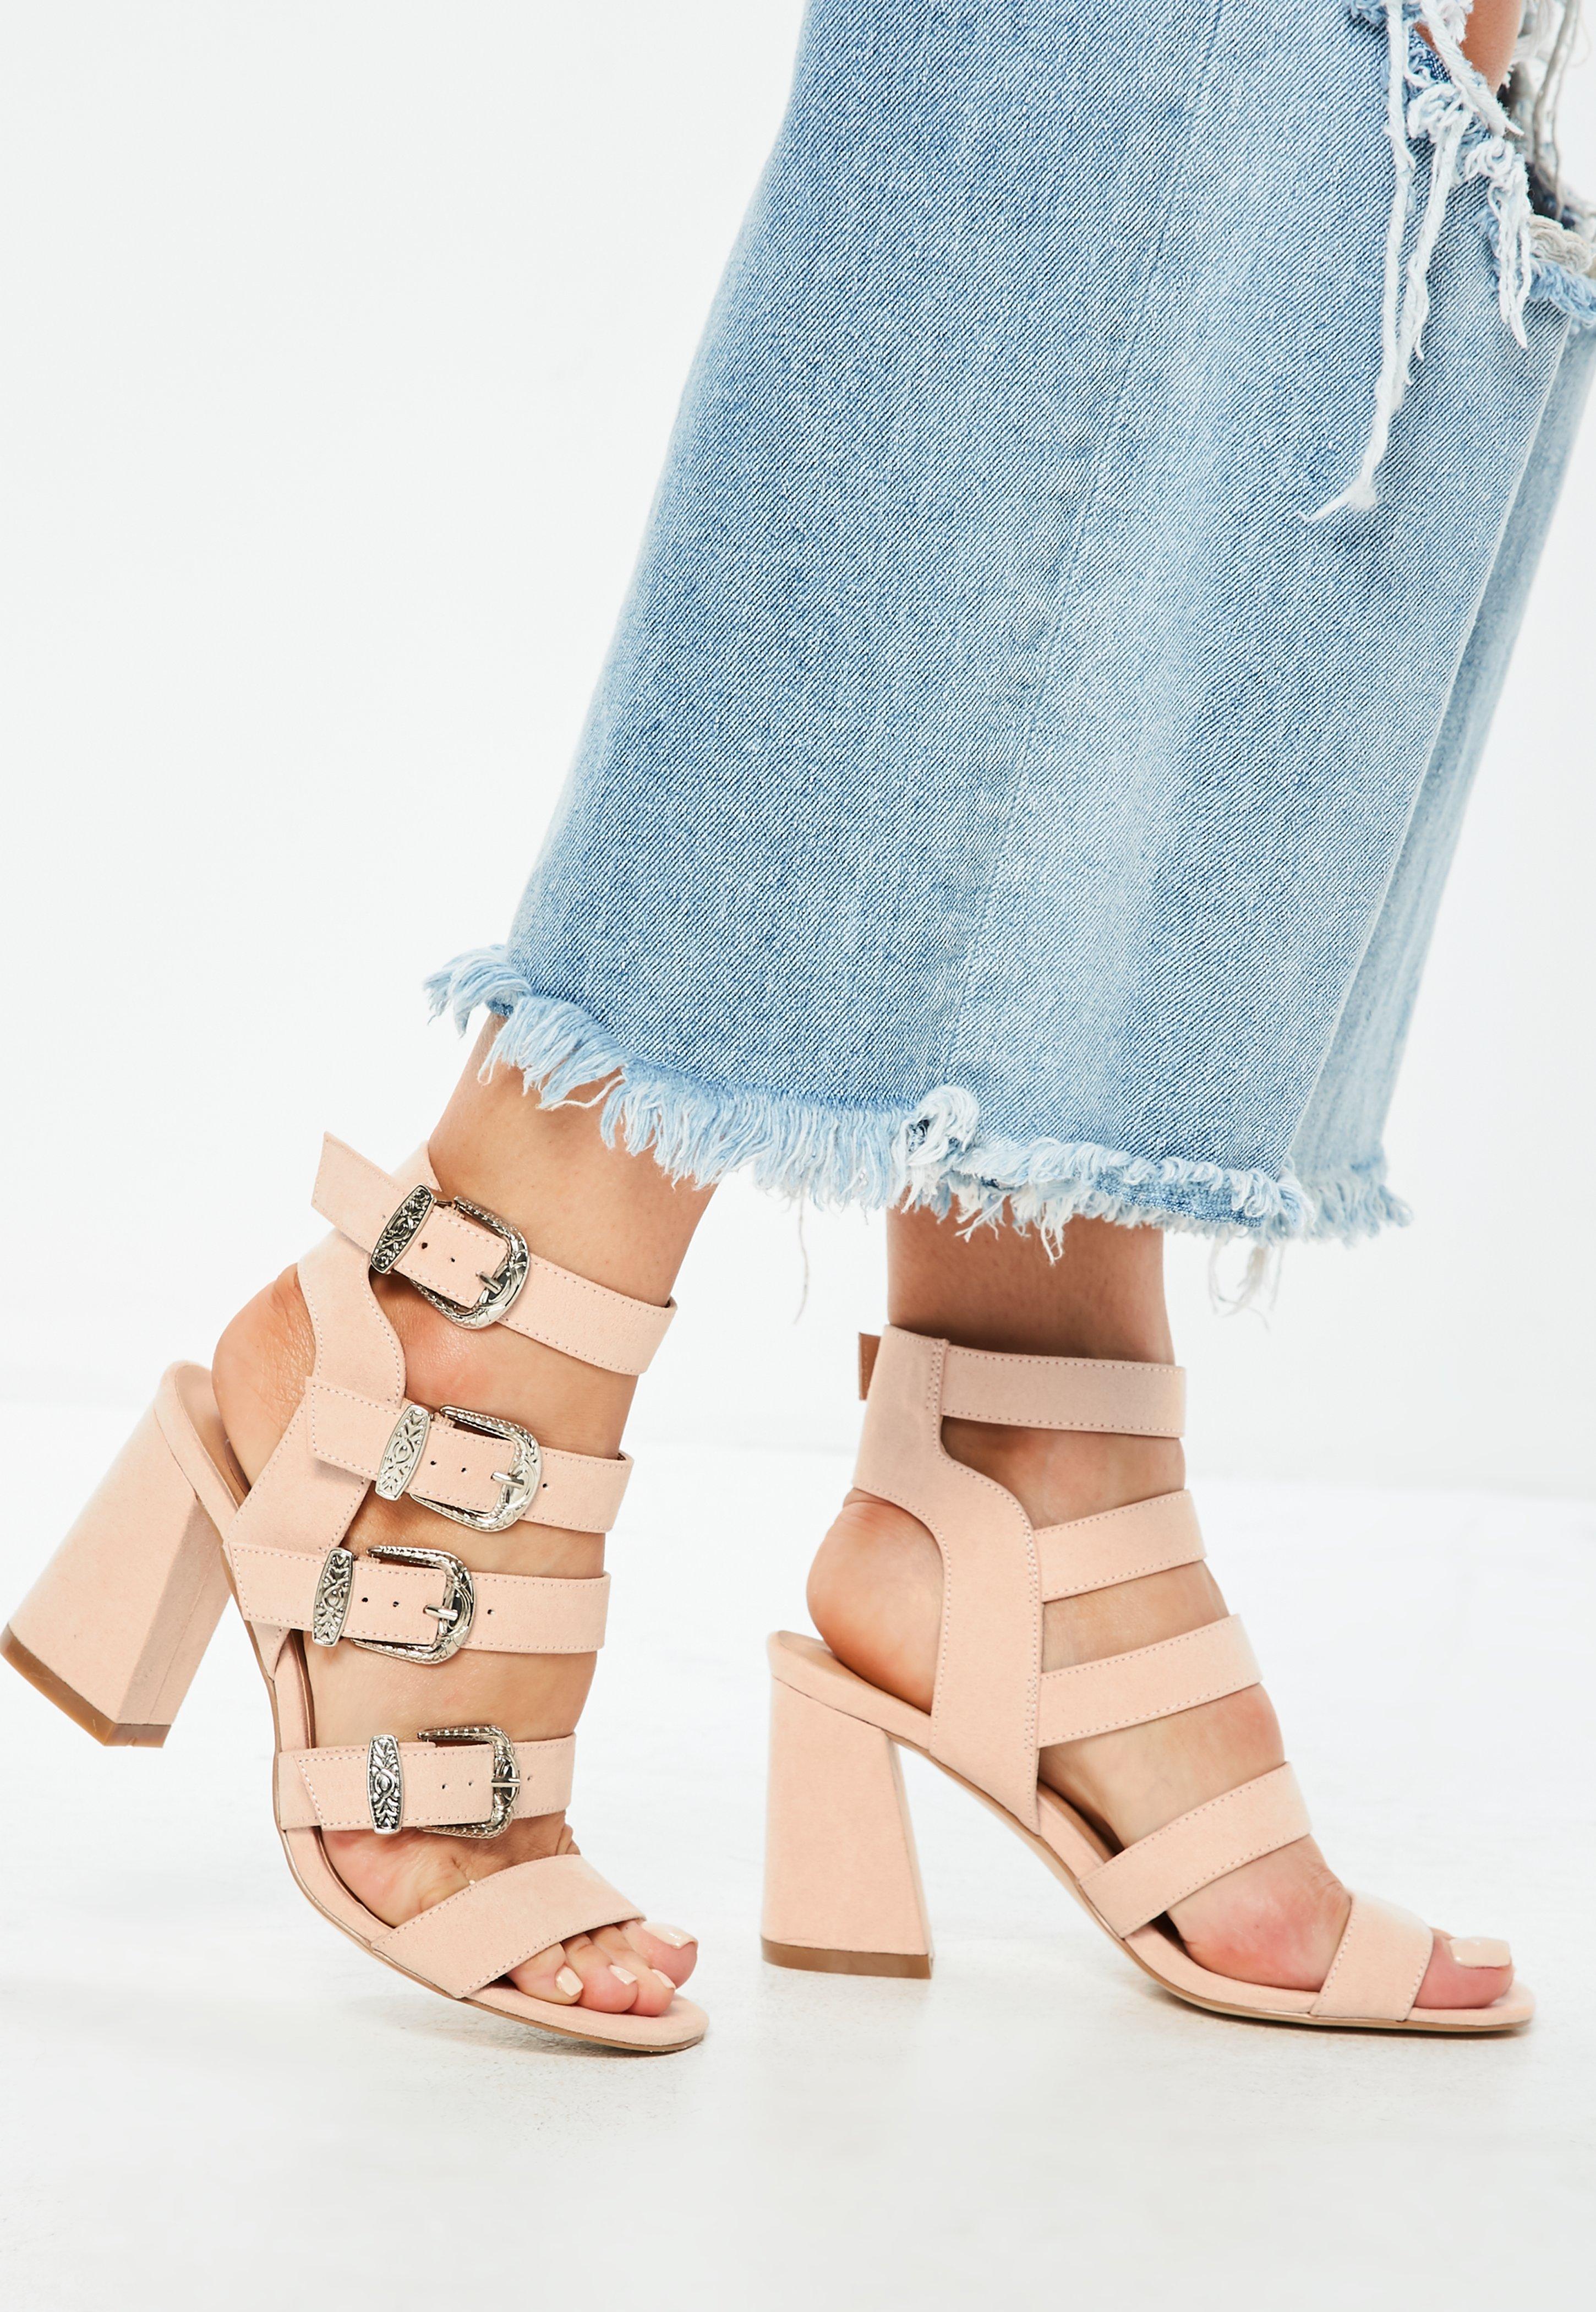 High Heels & Stilettos | Strappy Heels Online - Missguided